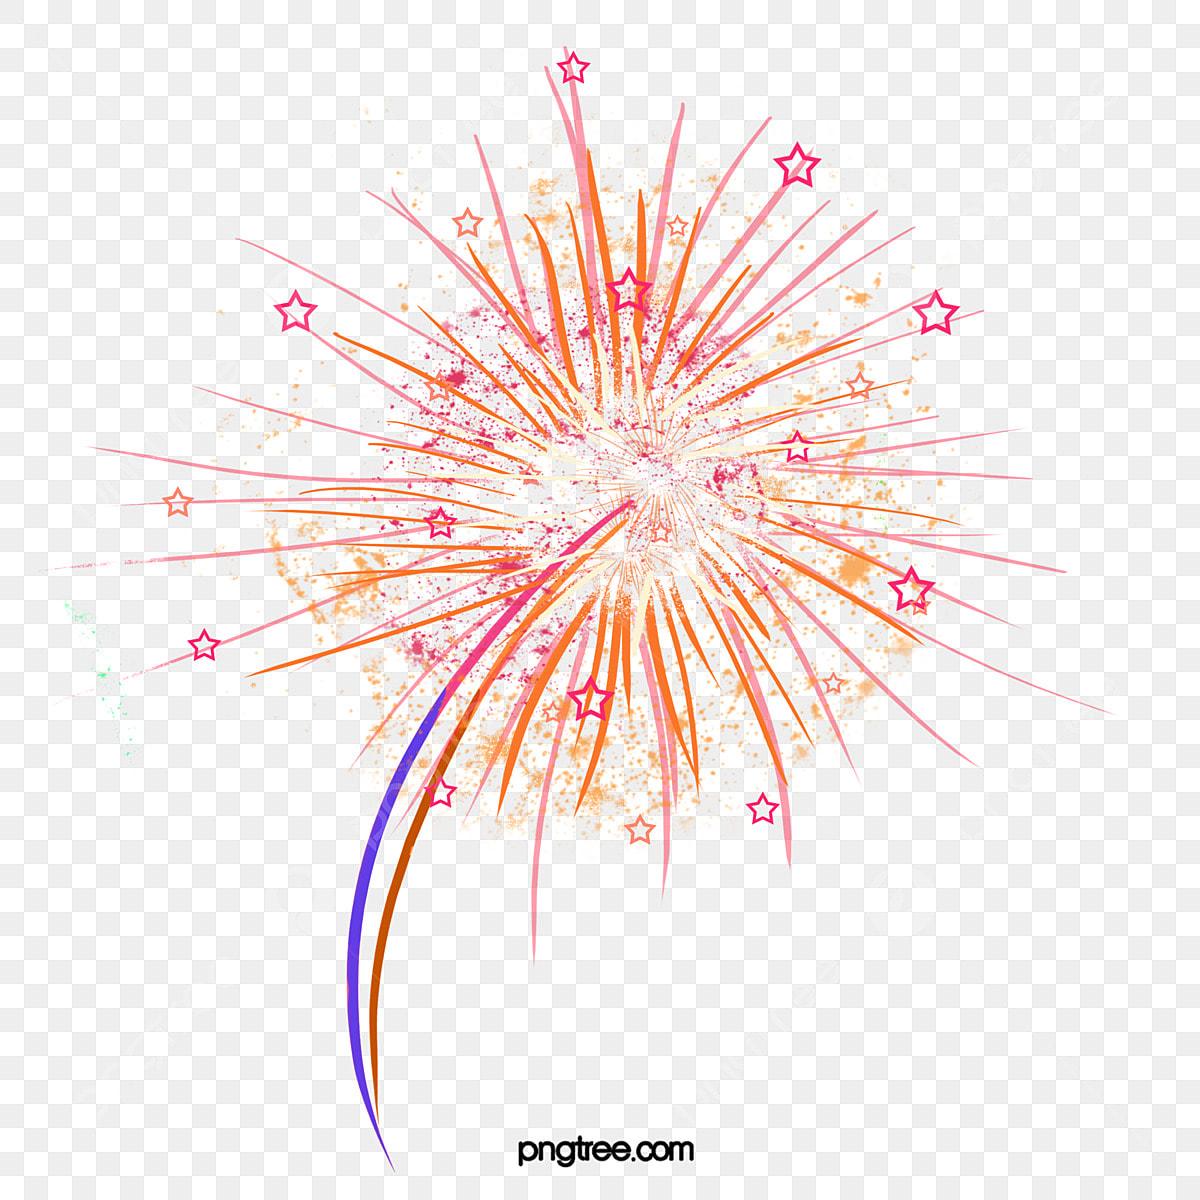 العاب ناريه العاب ناريه مهرجان الألعاب النارية الألعاب النارية الإبداعية Png وملف Psd للتحميل مجانا